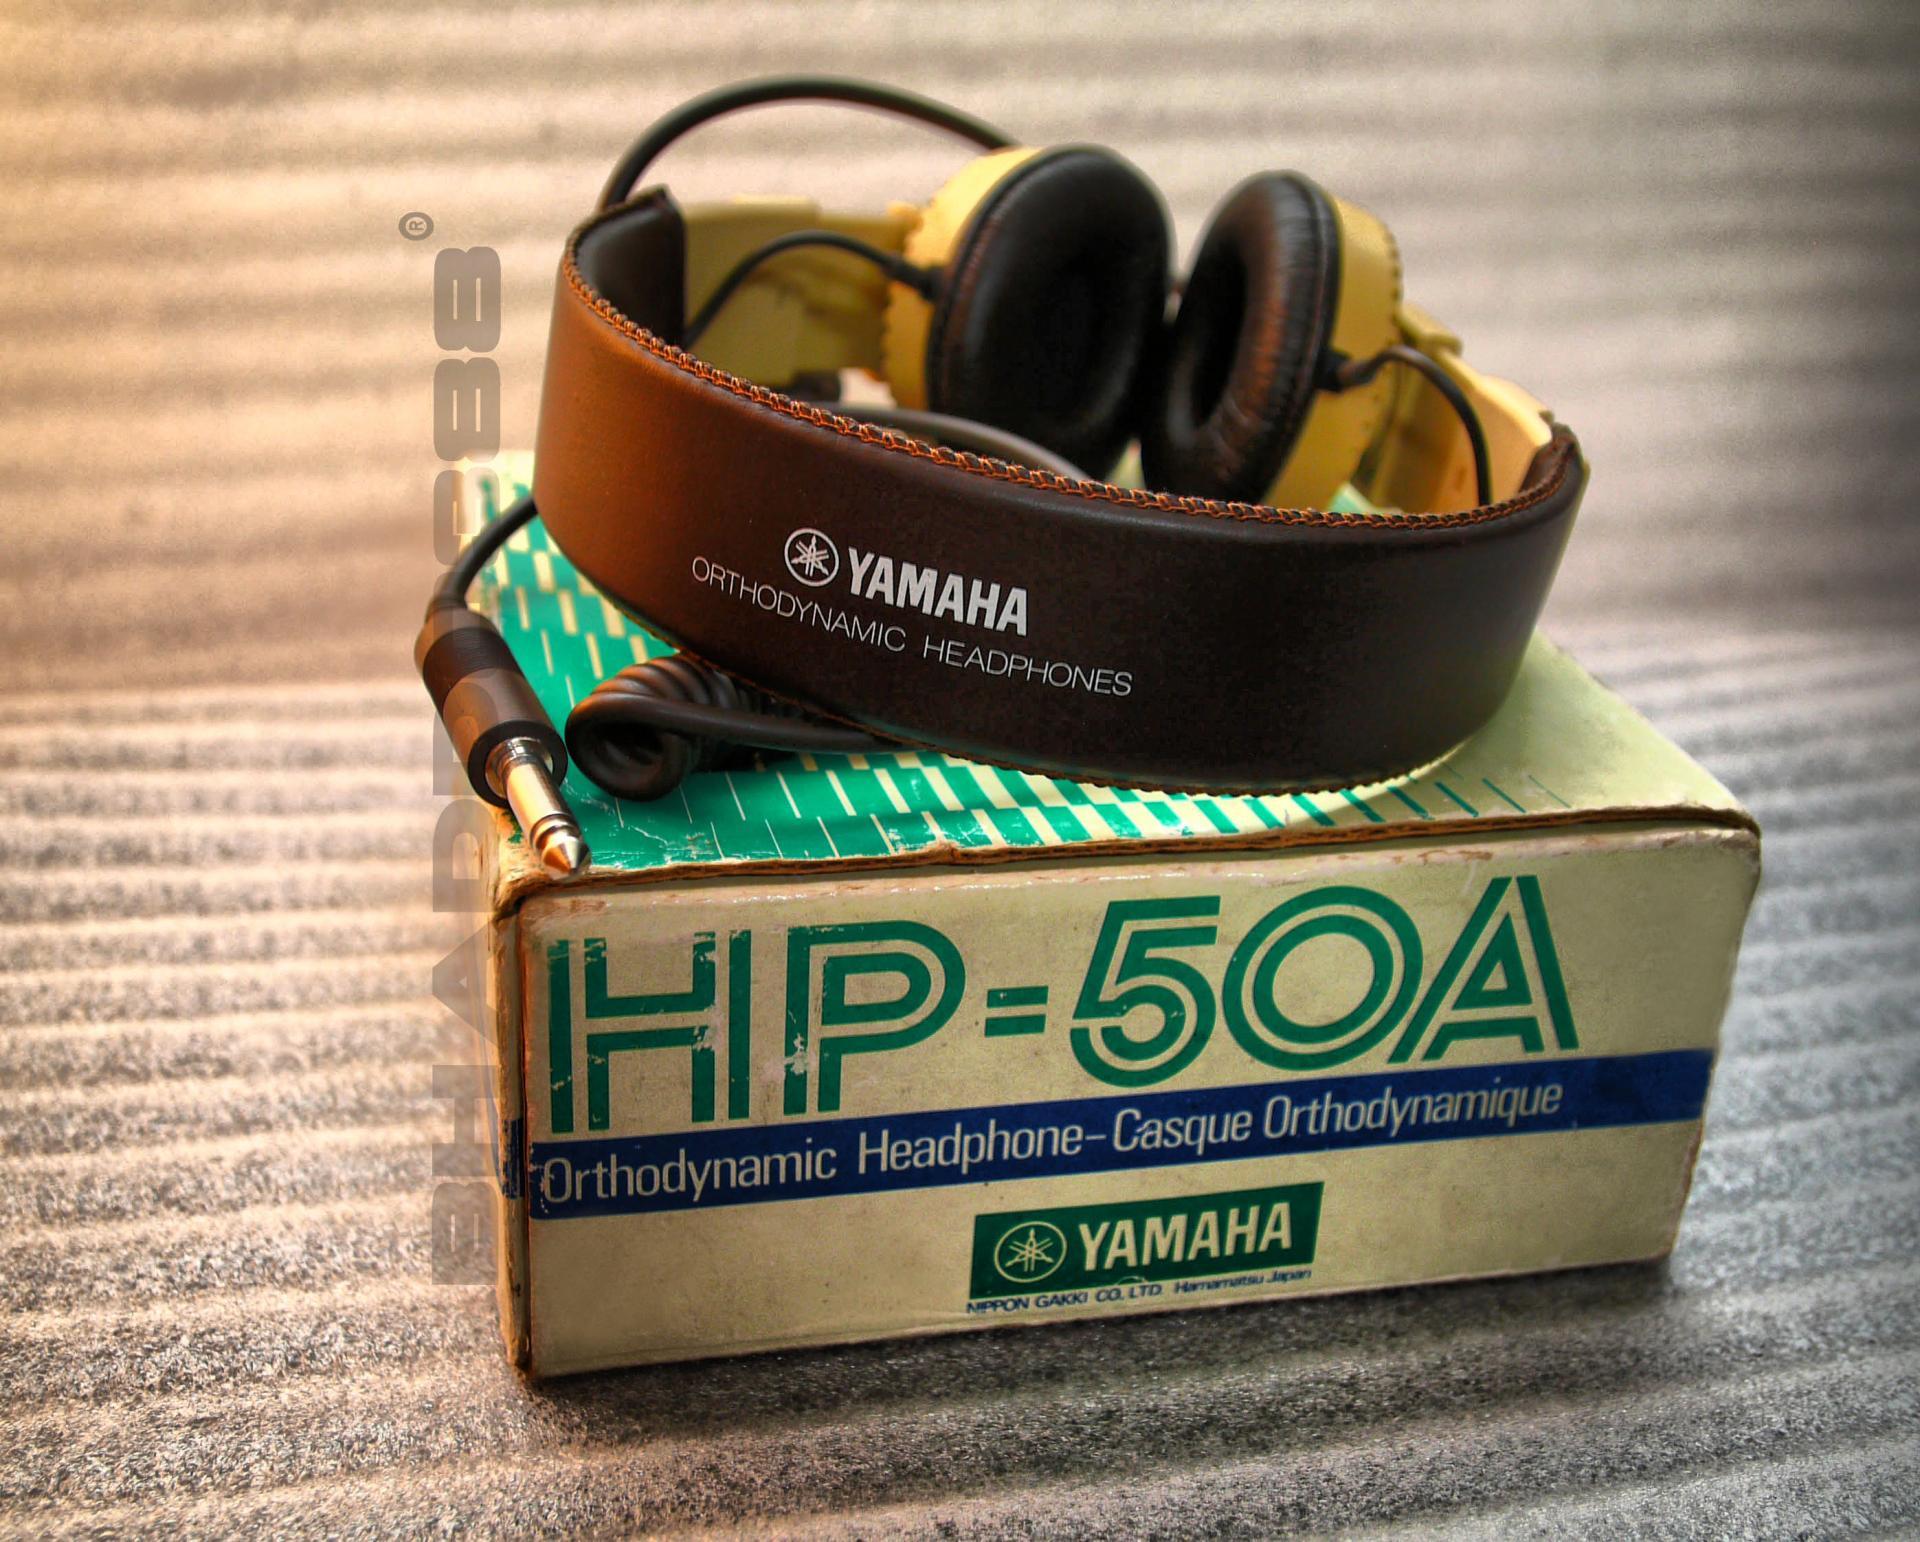 Yamaha hp 50a 03